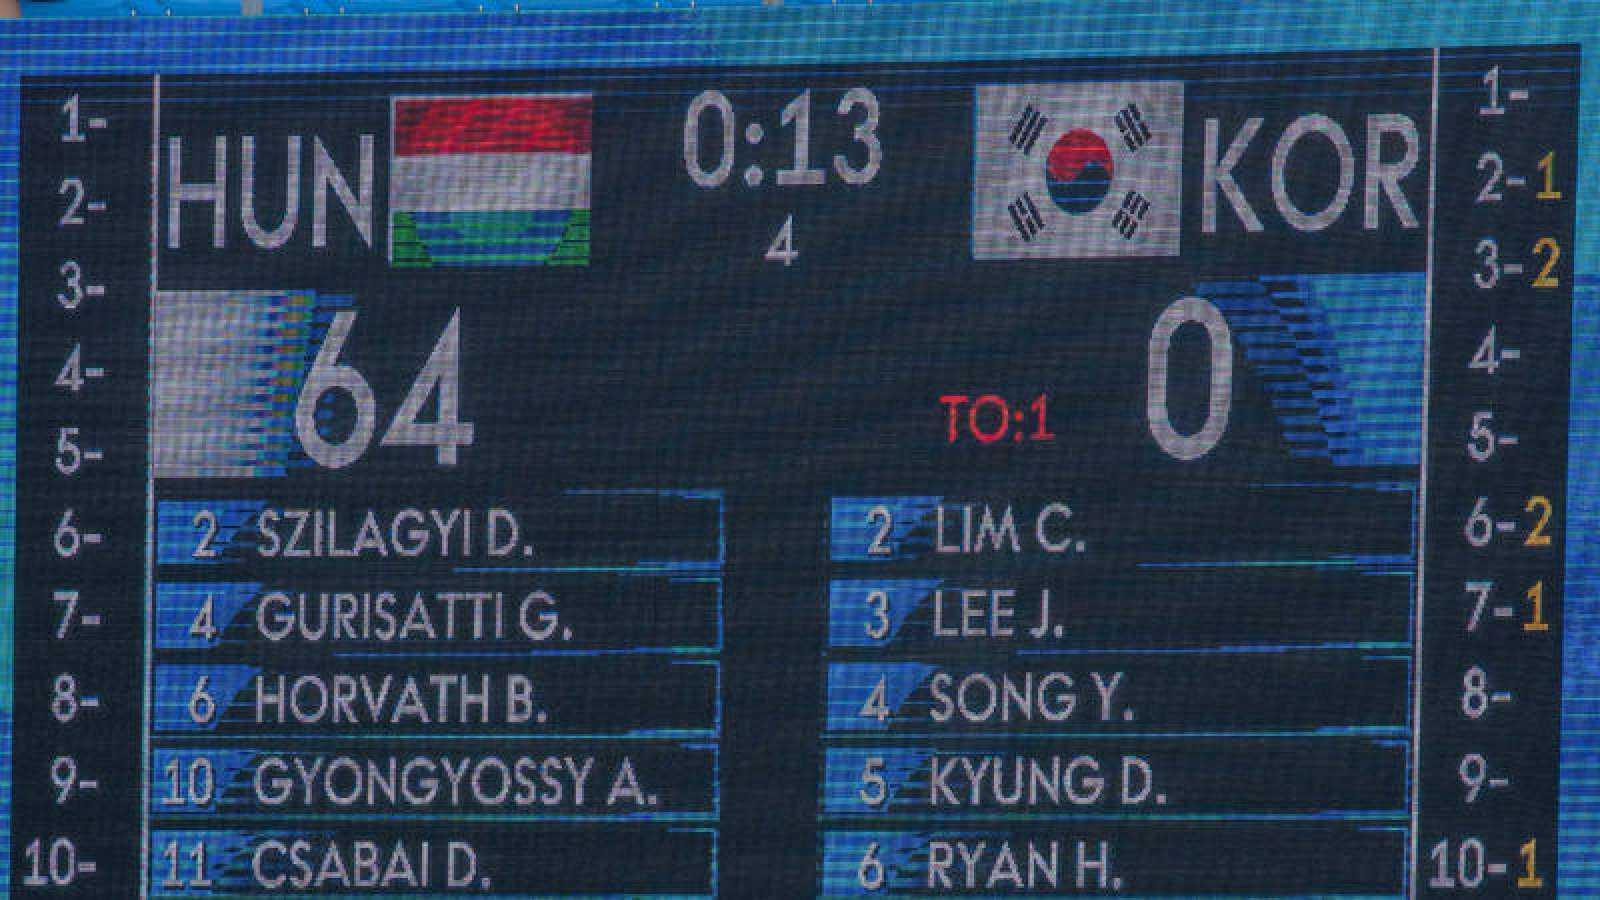 Marcador final del partido Hungría-Corea del Sur